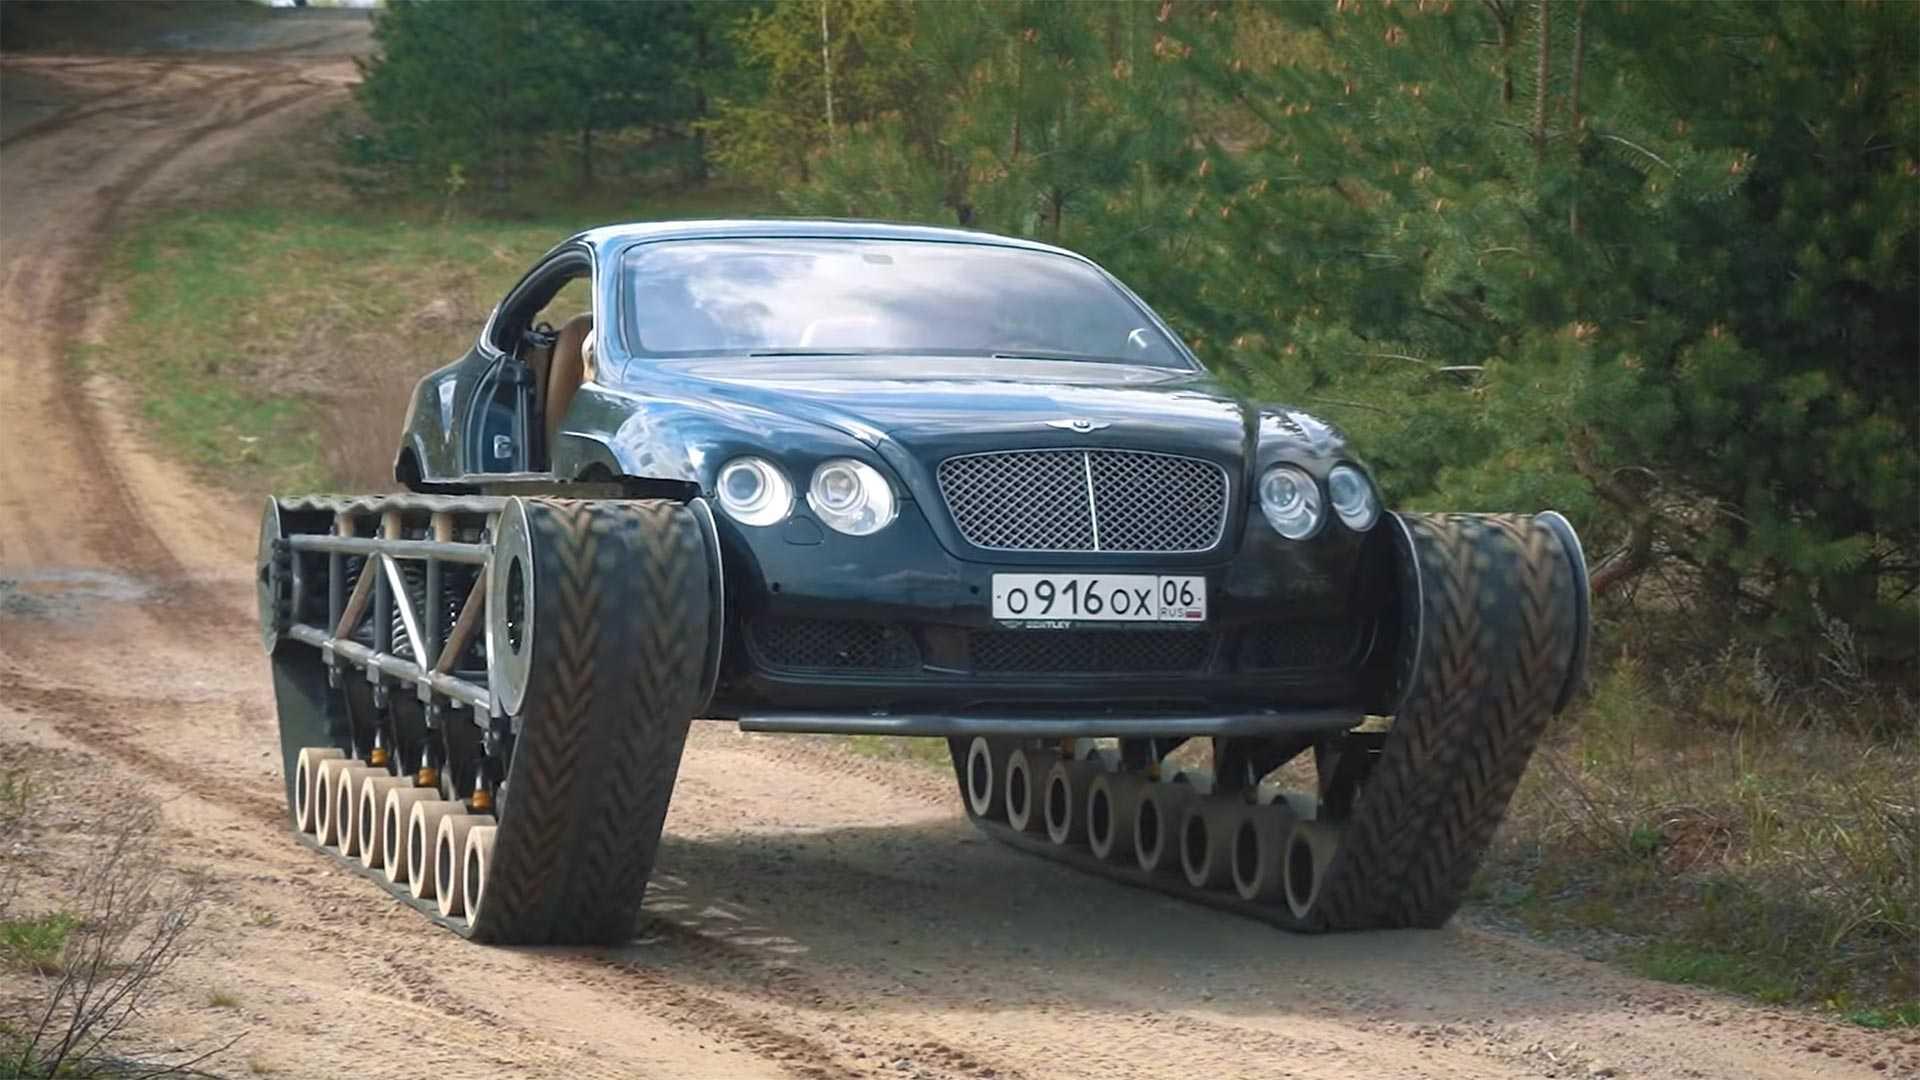 Недавно YouTube-пользователь AcademeG буквально «взорвал» интернет, показав свое видение Bentley Continental GT